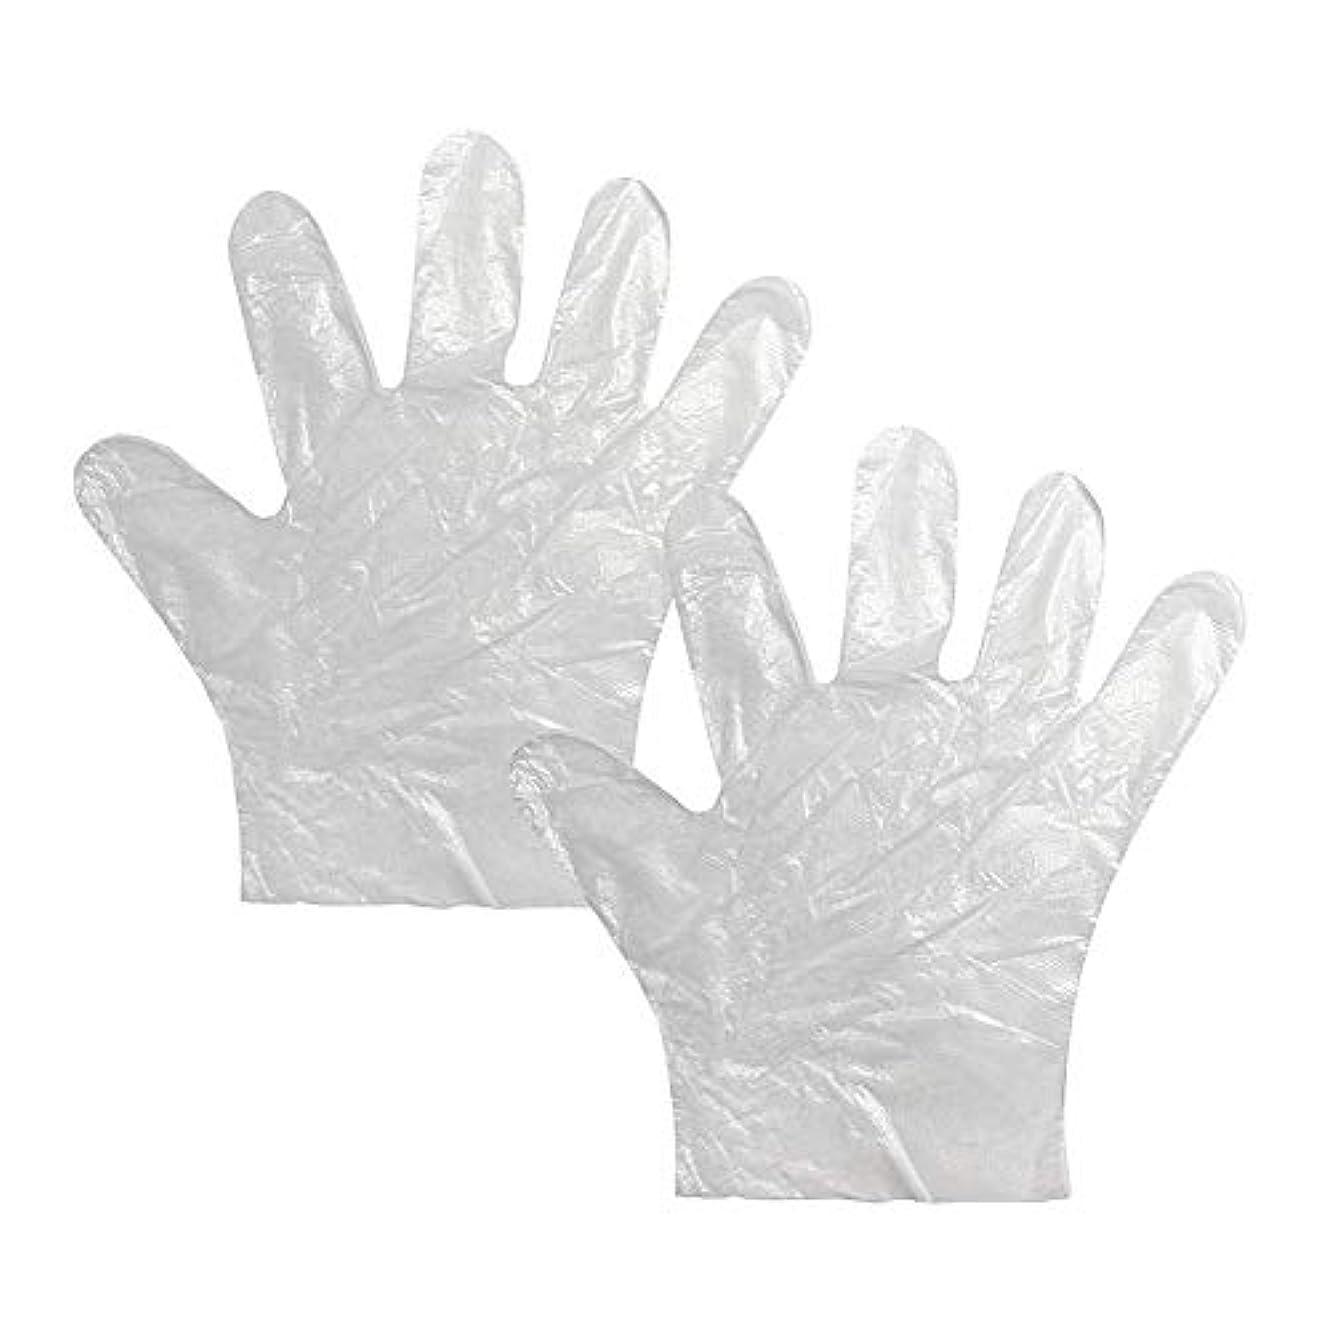 早く雇用者忌まわしい使い捨て手袋 極薄ビニール手袋 ポリエチレン 透明 実用 衛生 100枚*2セット